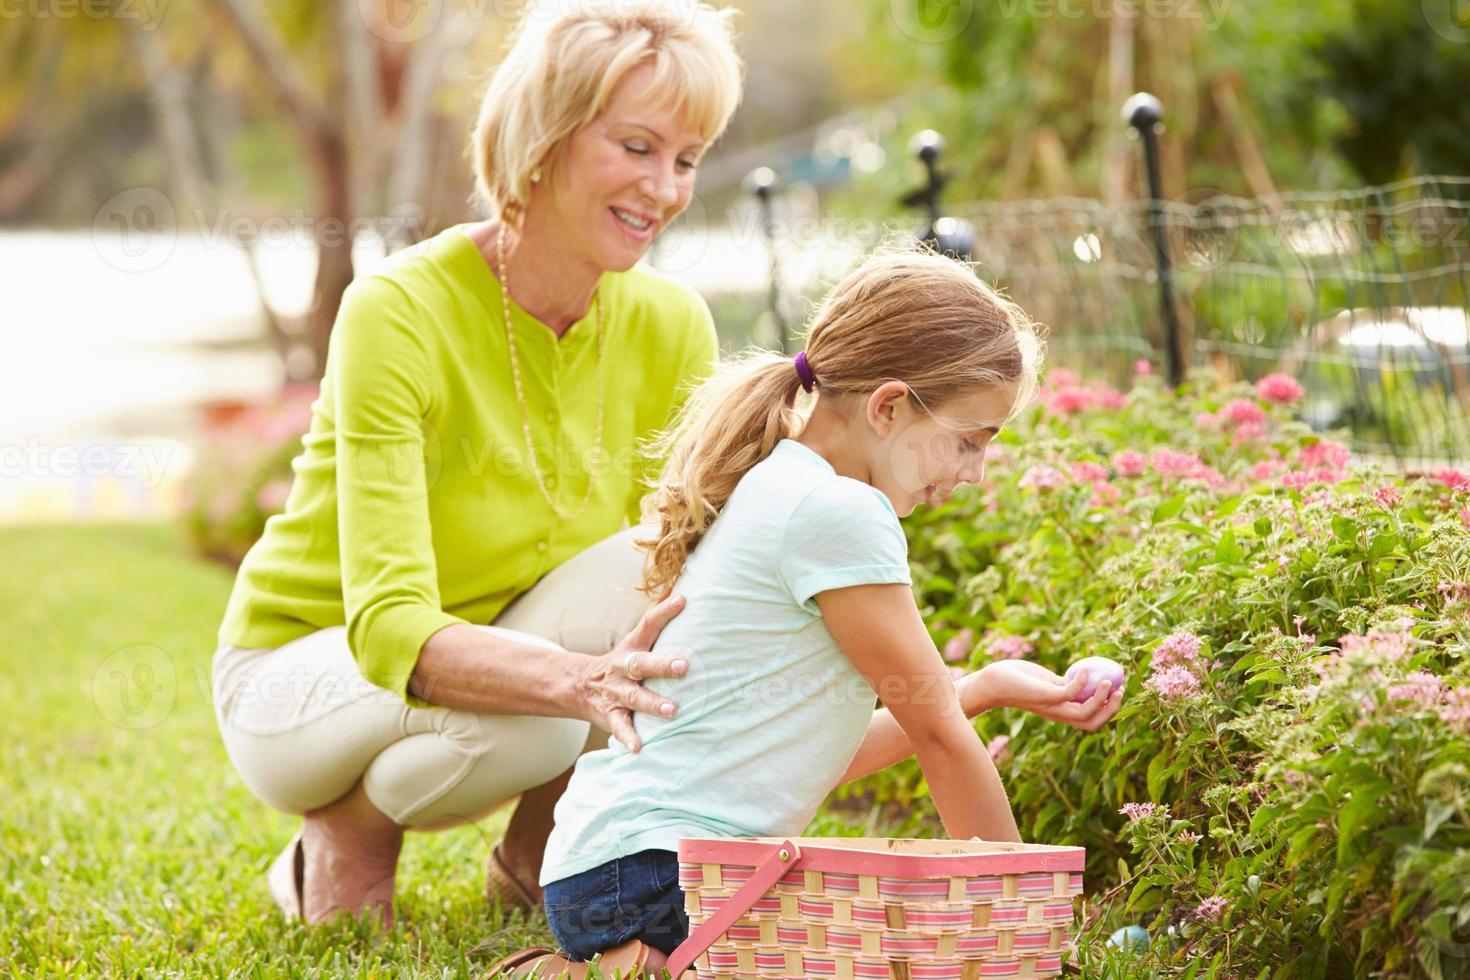 mormor med barnbarn på påskäggjakt i trädgården foto